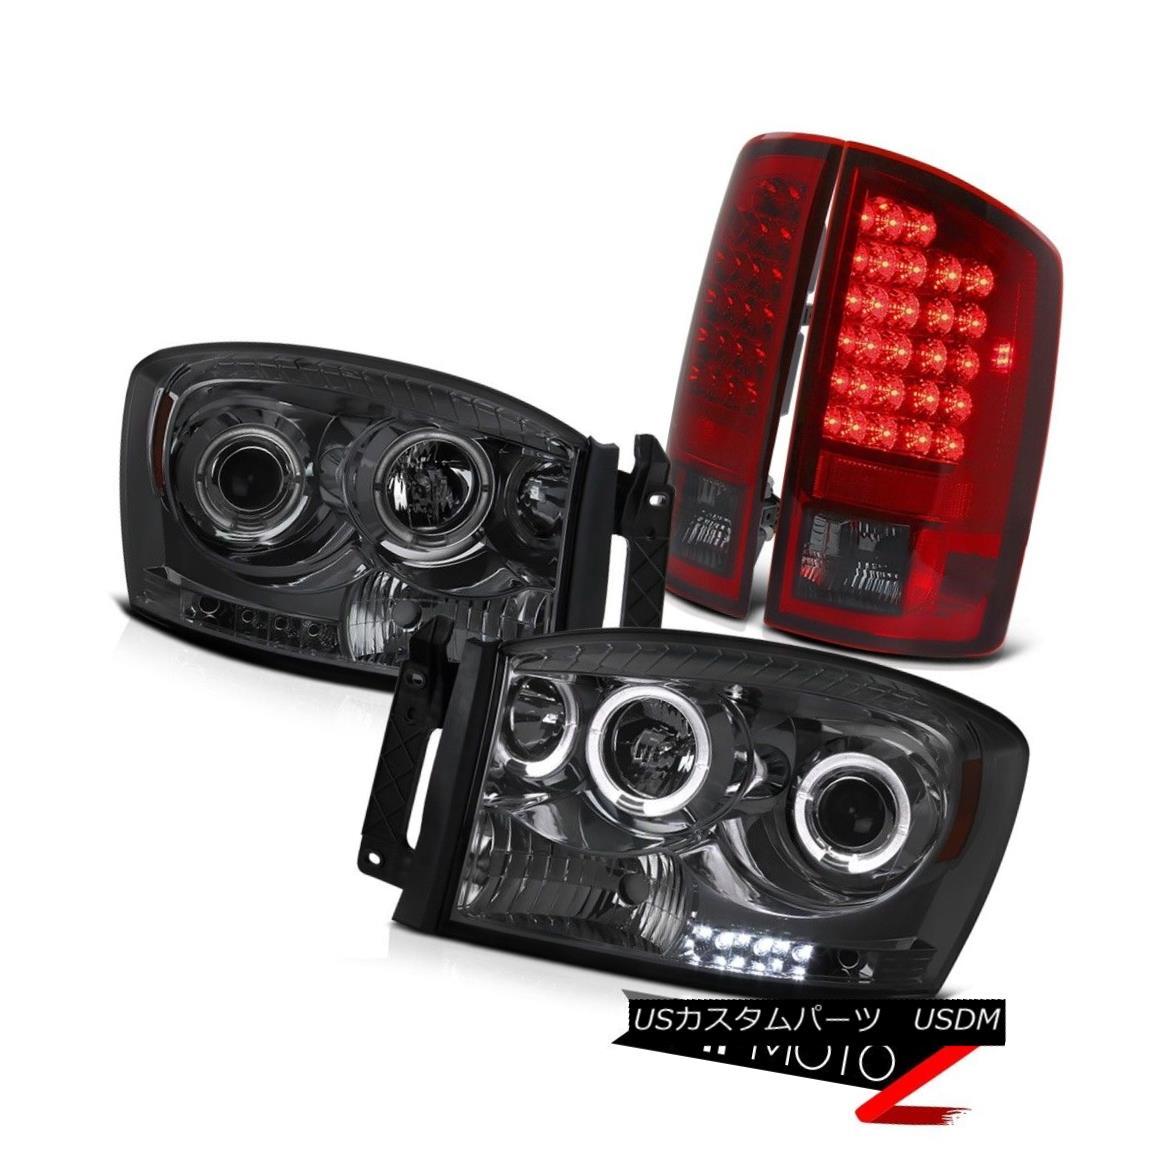 テールライト Smoke HaLo Projector Headlight+Black LED Taillamp Assembly 2006 Dodge RAM Pickup Smoke HaLoプロジェクターヘッドライト+ブラック k LEDテールランプアセンブリ2006ダッジRAMピックアップ